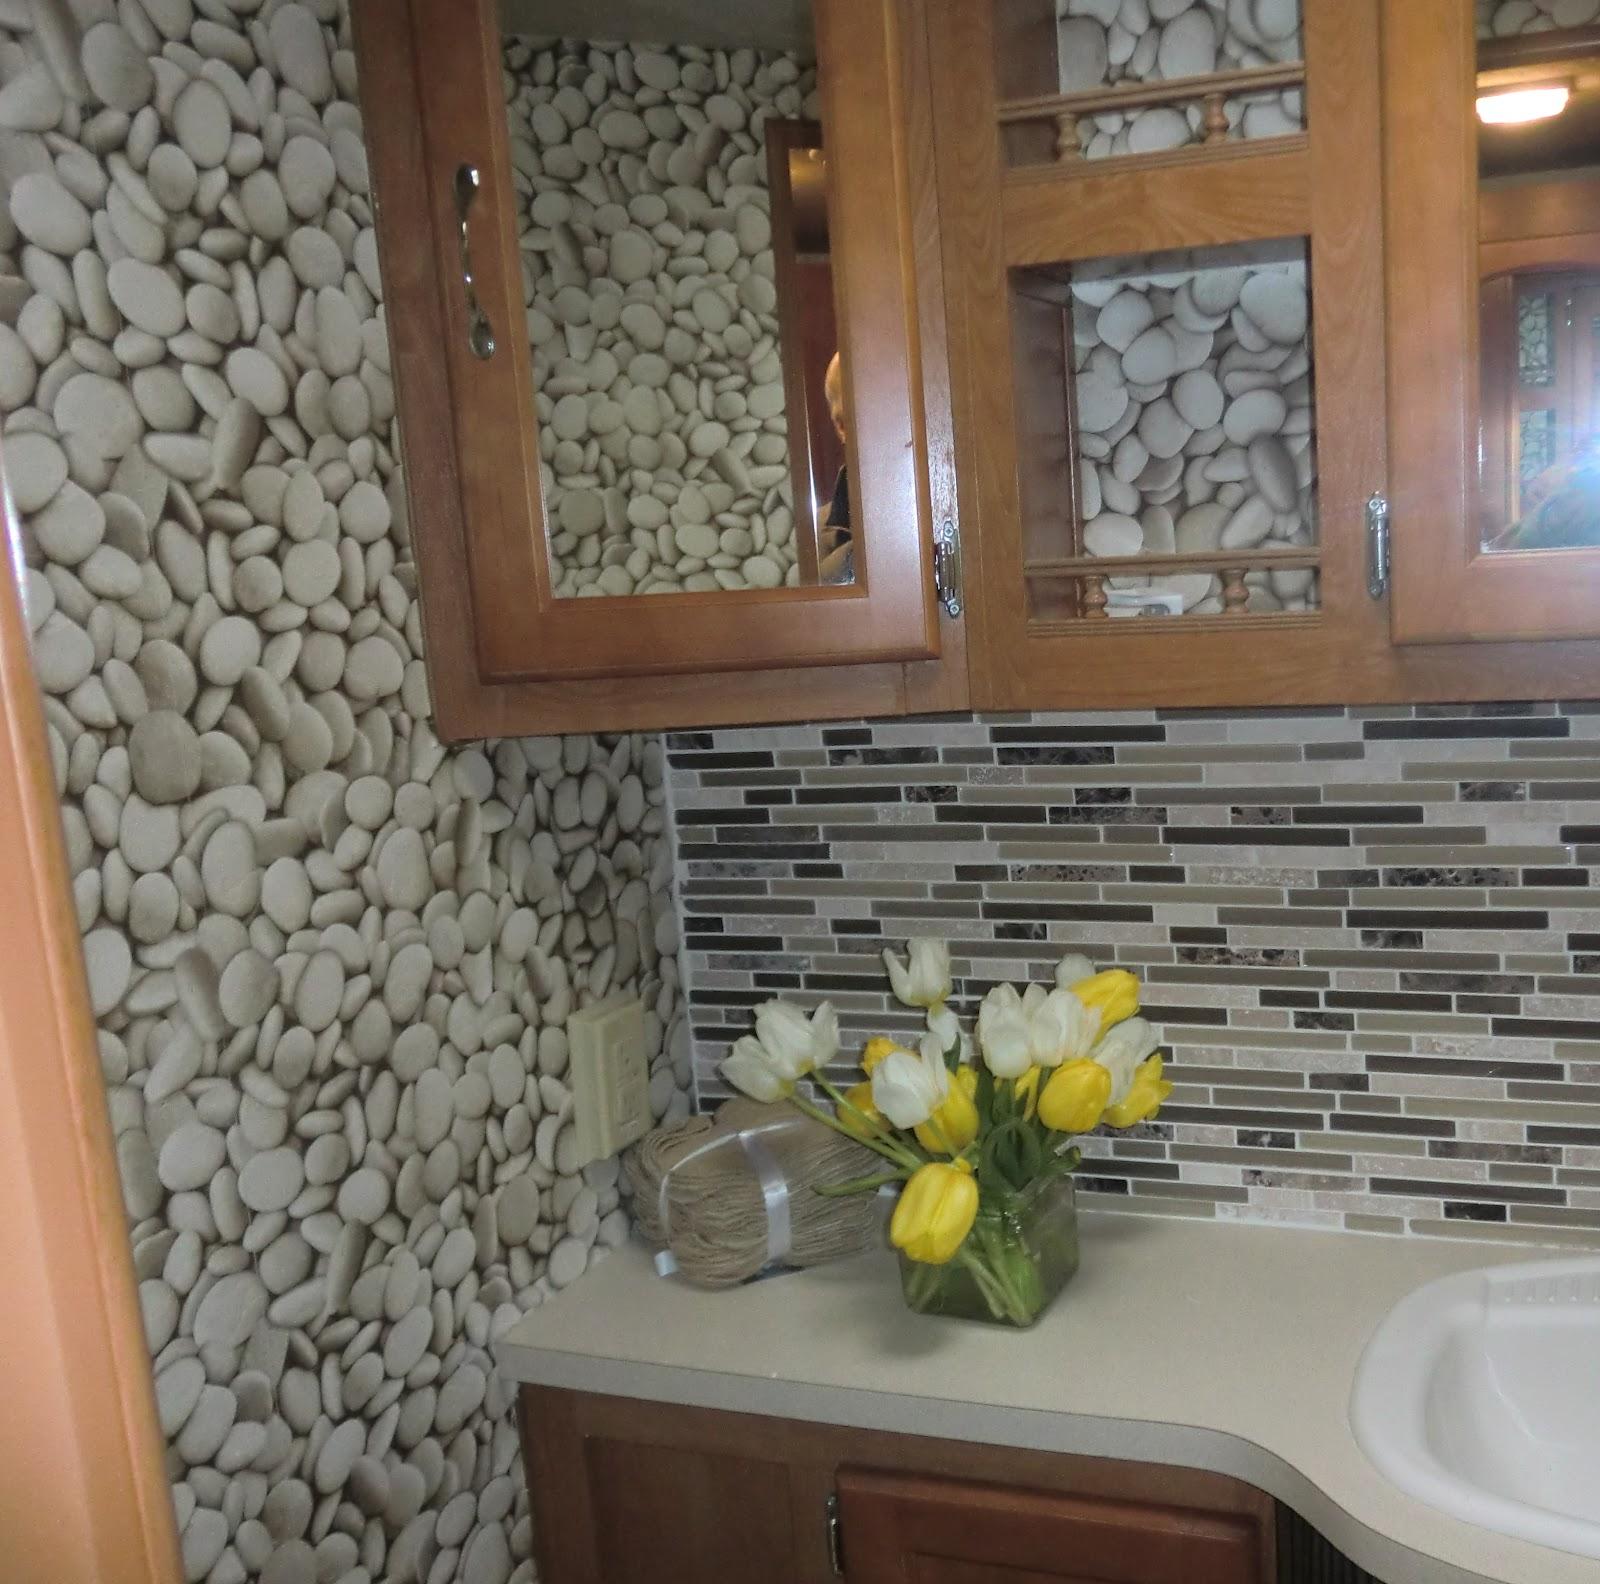 http://4.bp.blogspot.com/-tvz7taB4hXo/T8VMoI7E4pI/AAAAAAAABec/8a6s--rd_Rw/s1600/bathroom+wallpaper.jpg